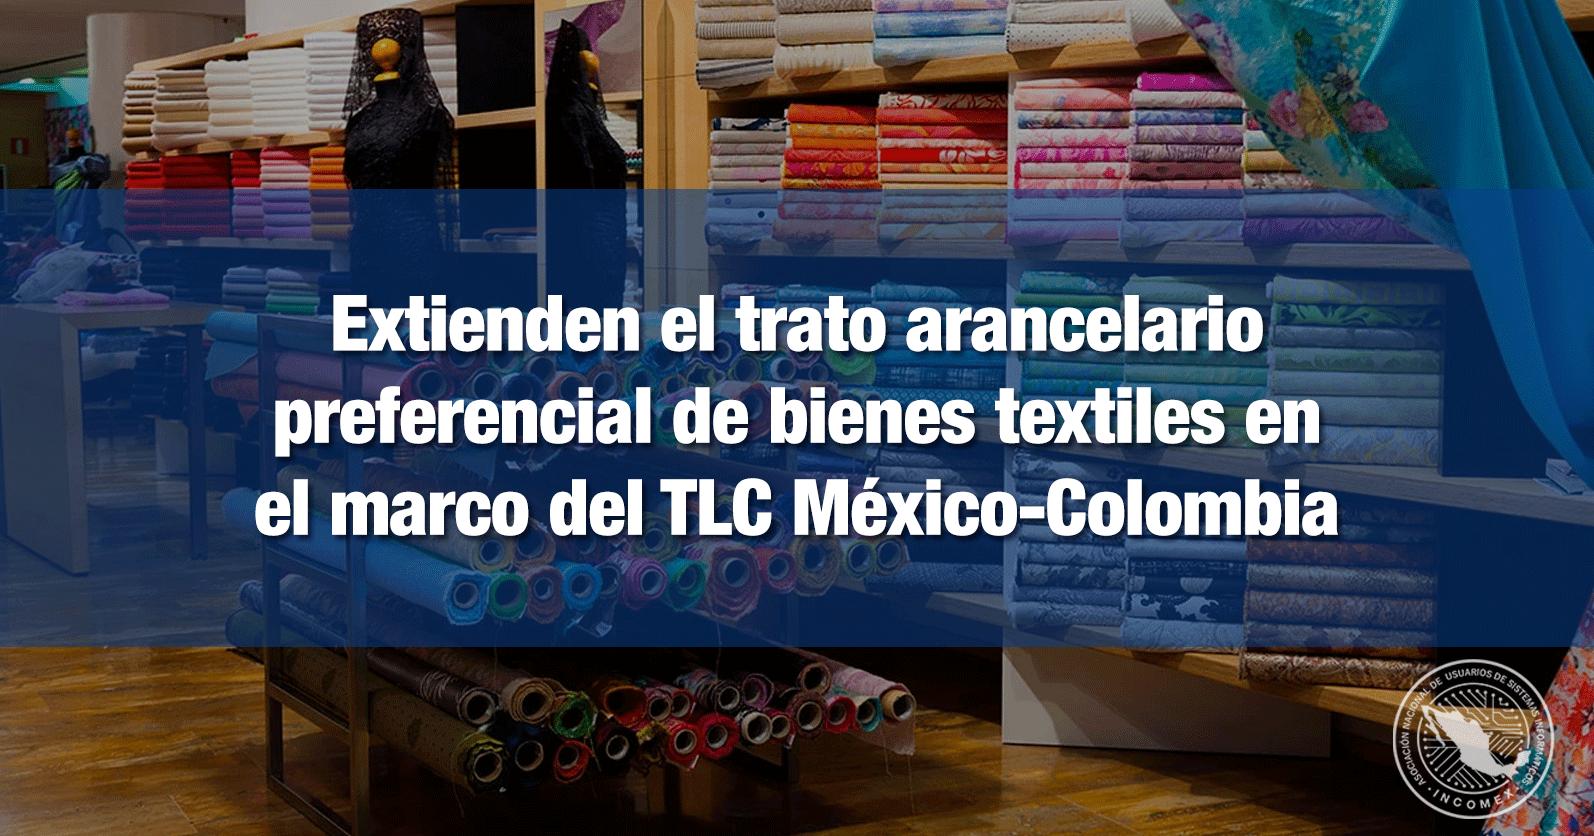 Extienden el trato arancelario preferencial de bienes textiles en el marco del TLC México-Colombia